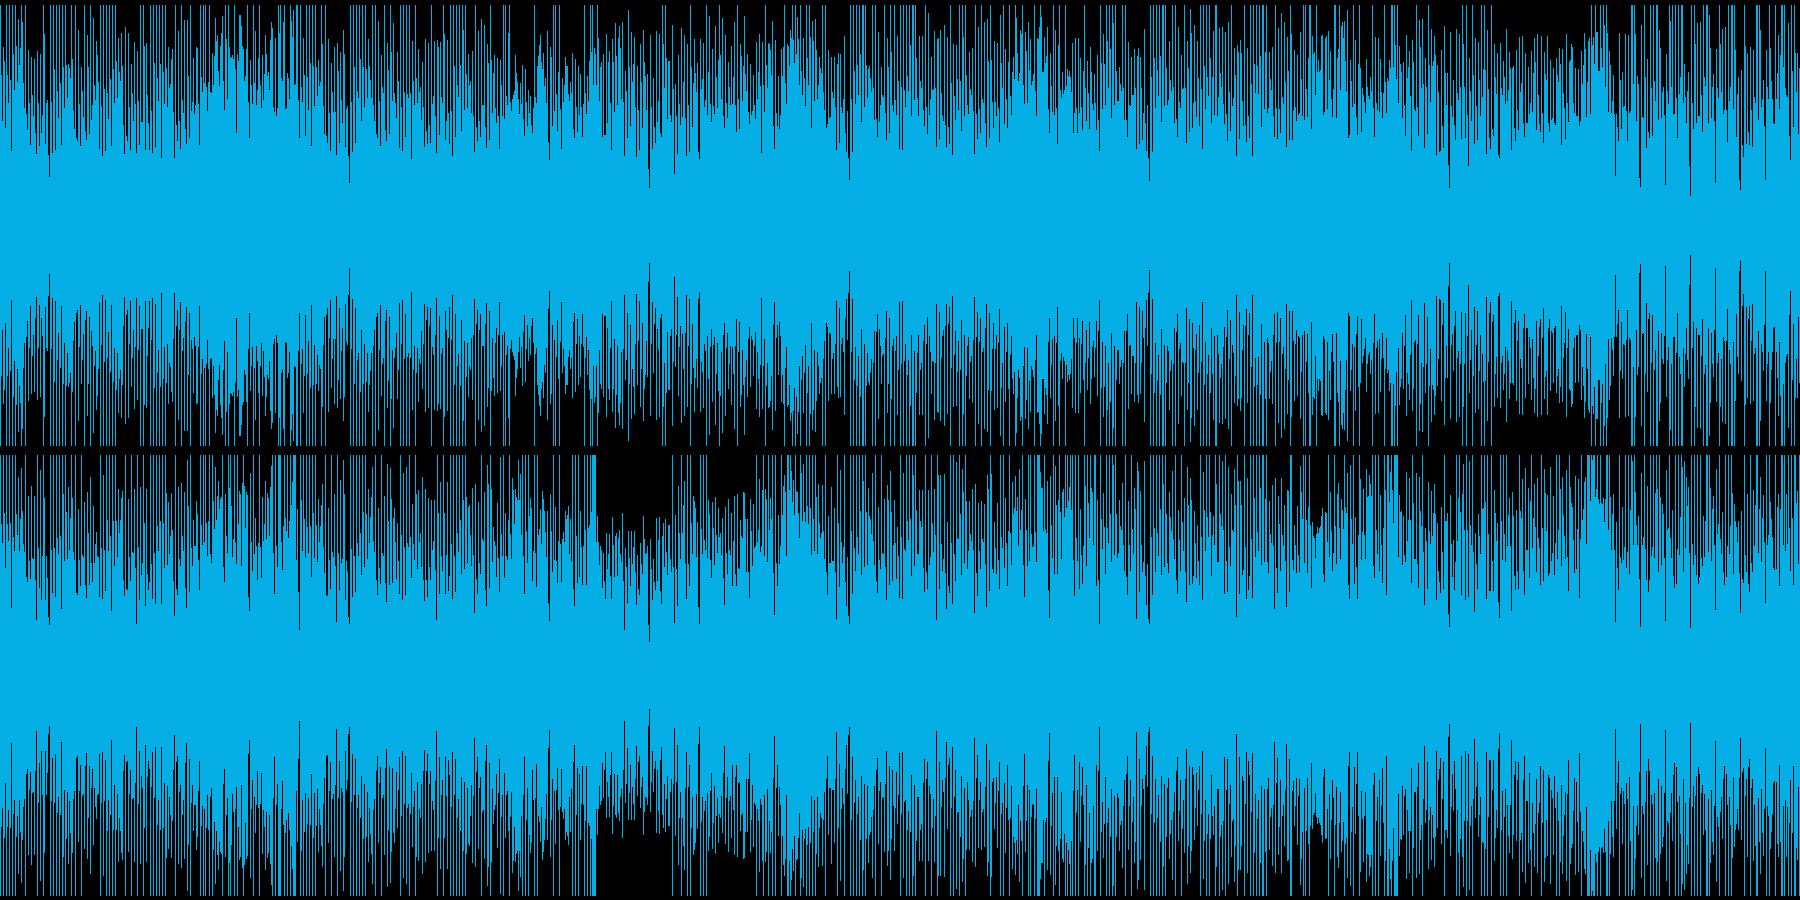 オープニング向き、軽快なBGM(ループ)の再生済みの波形